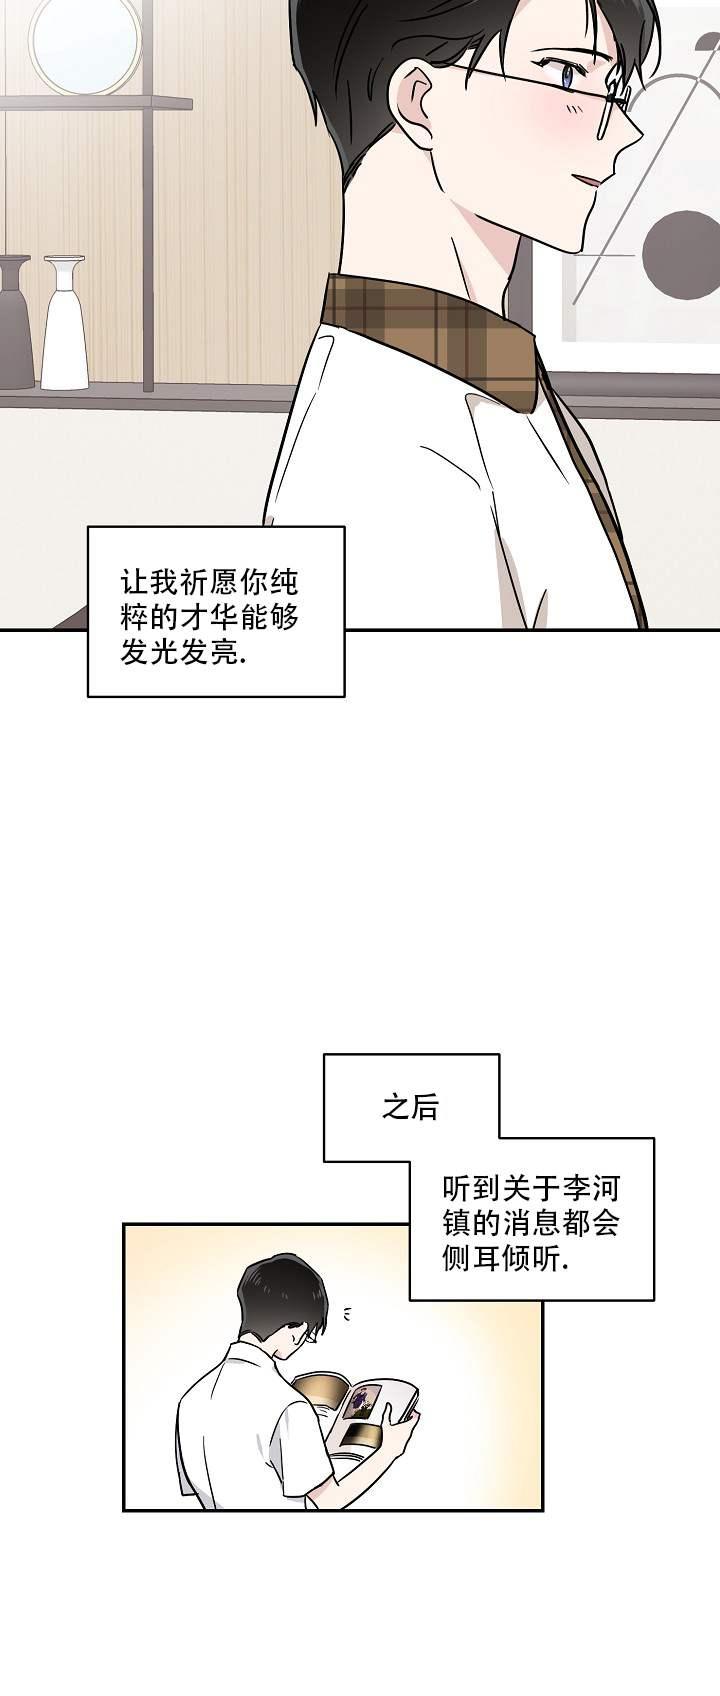 韩漫《带我走》为什么长大了就要疏远彼此?年下乐手x年上恋人